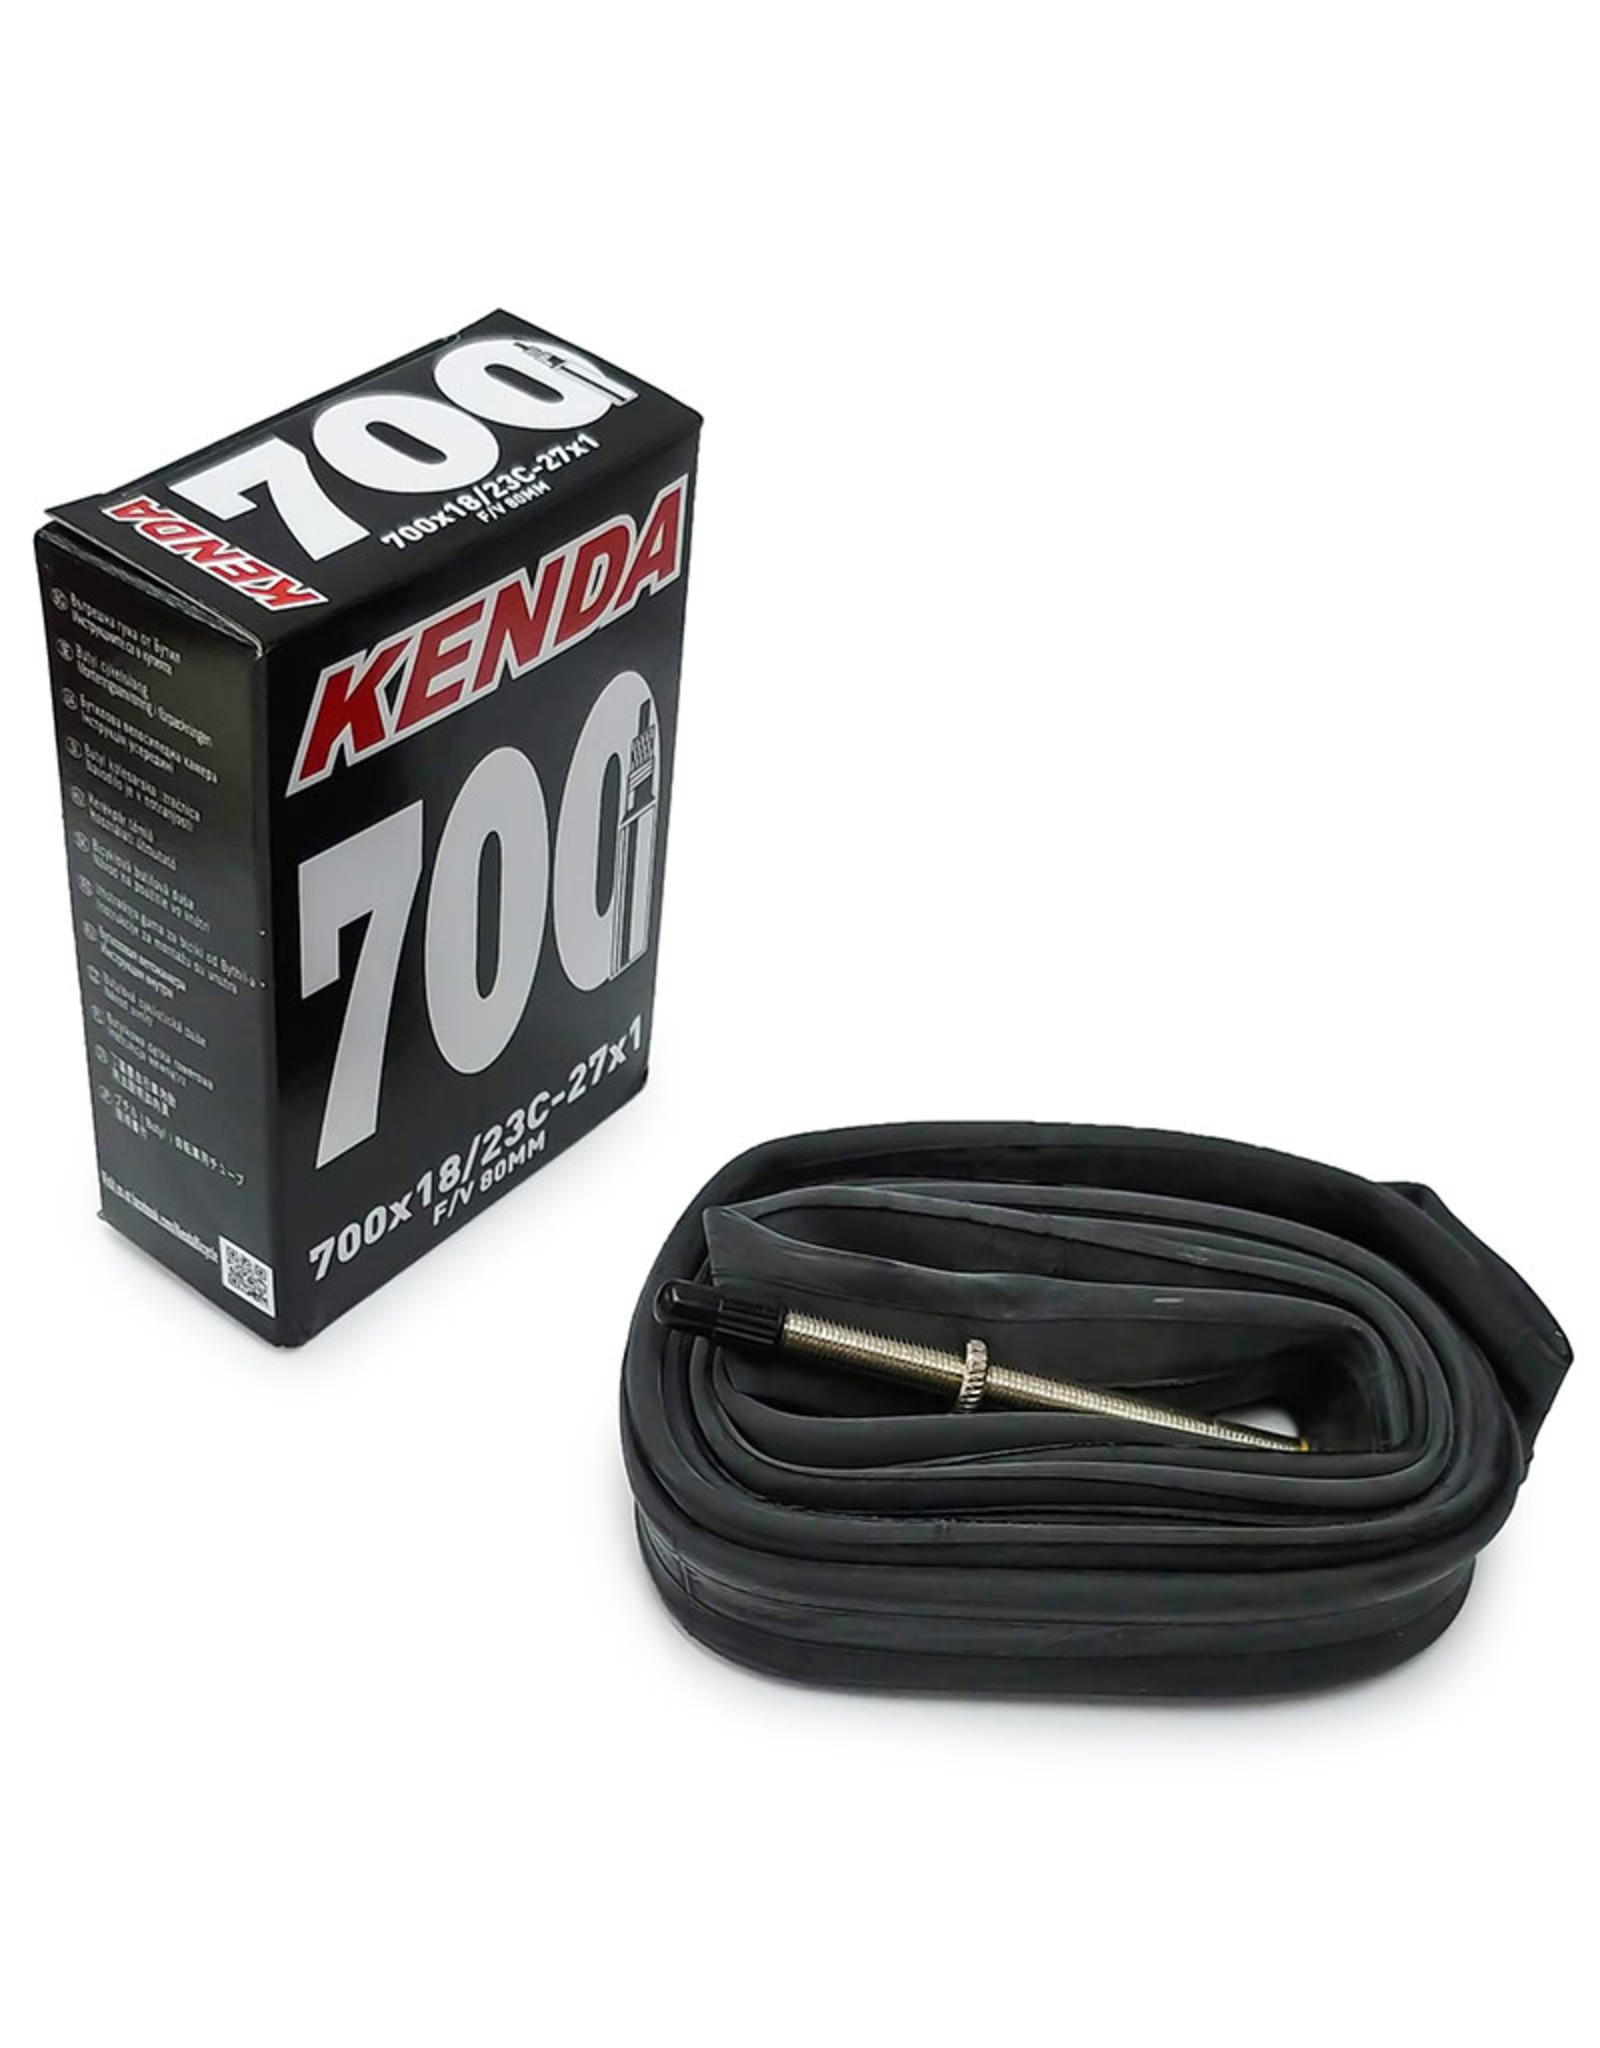 Kenda 700X18-23 80MM inner tube